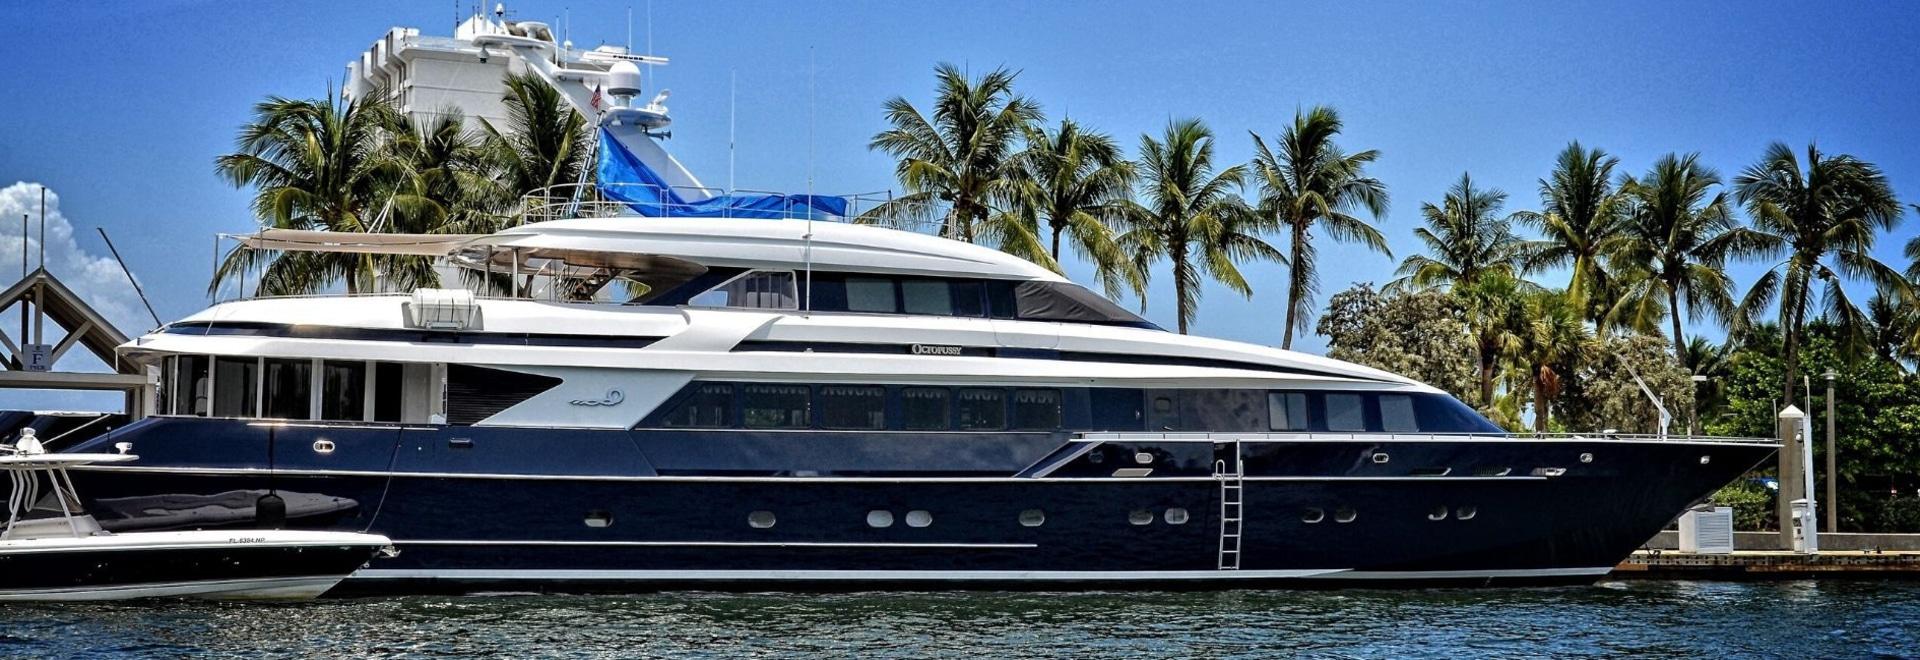 Installieren Sie einen Billardtisch auf Ihrer Yacht